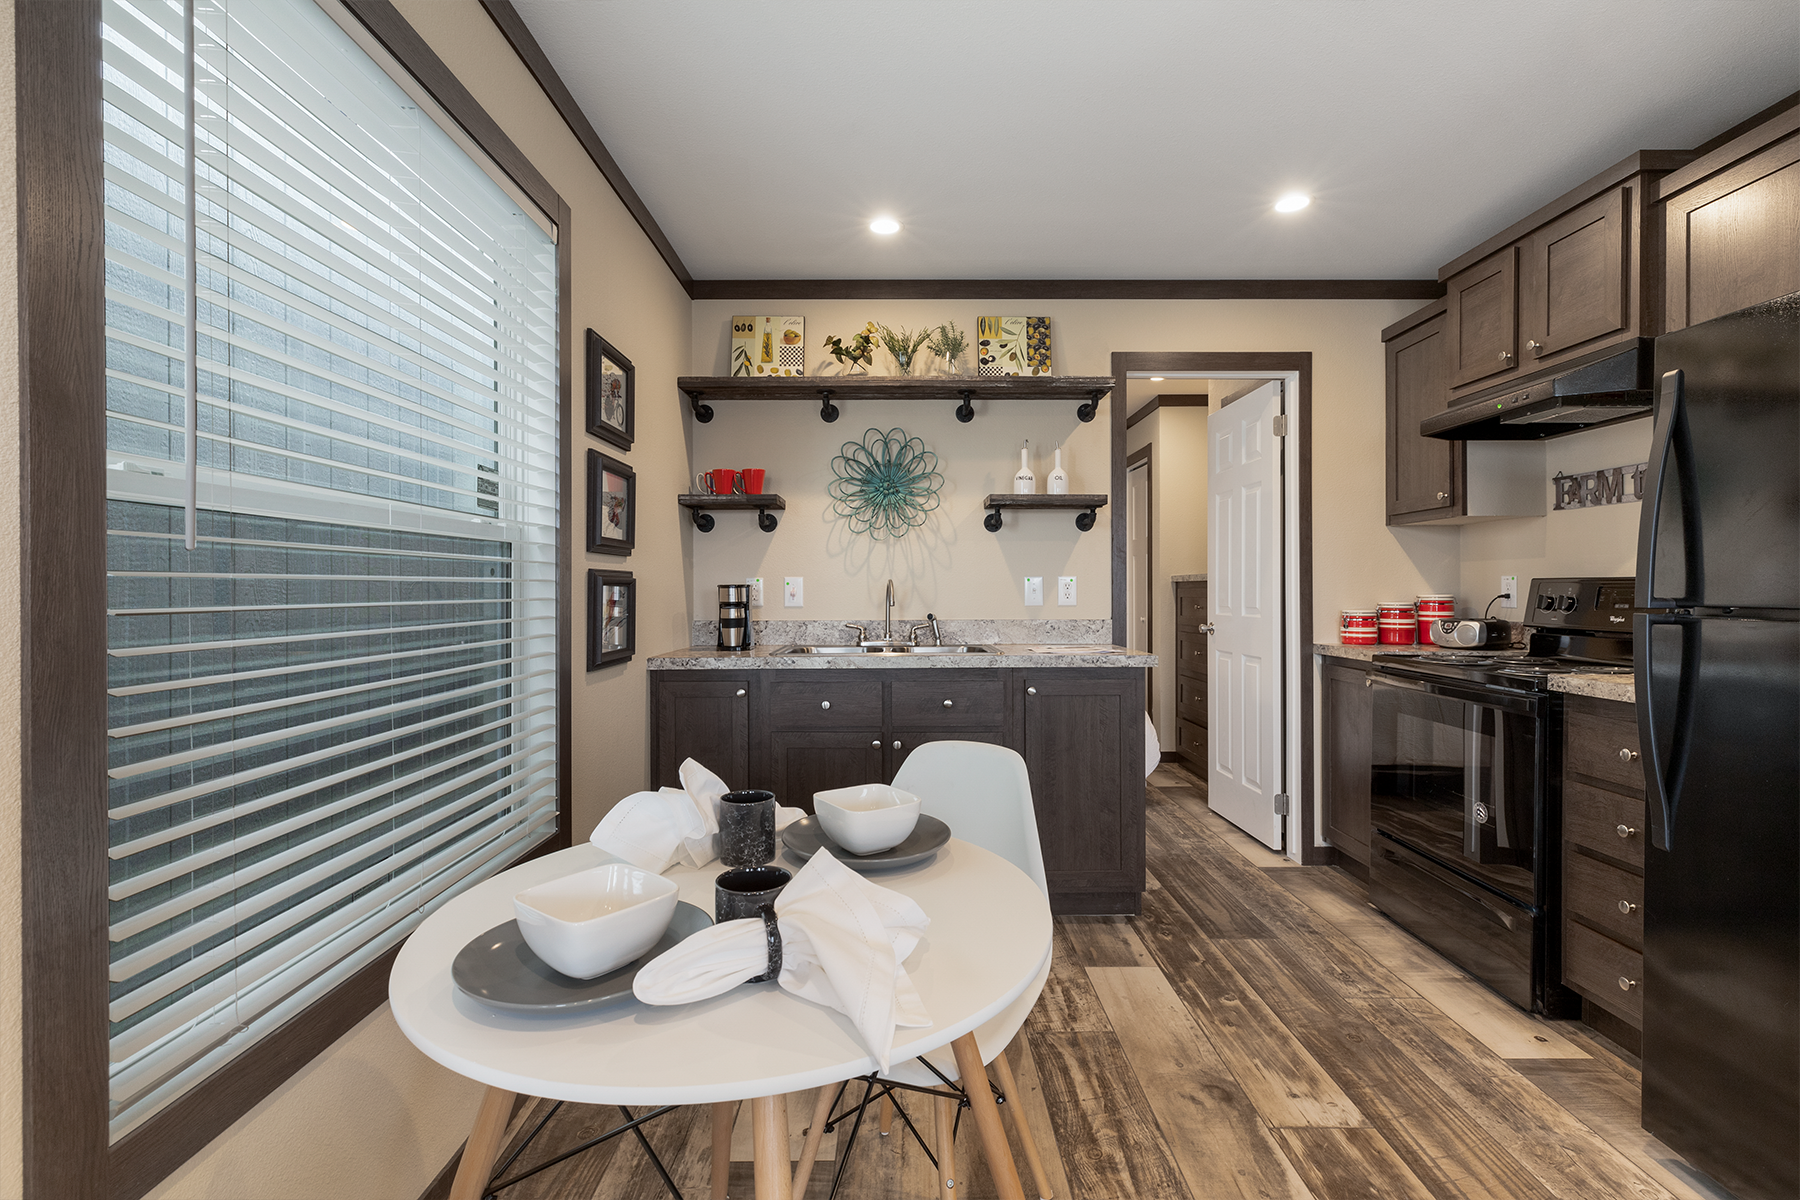 APX151 kitchen